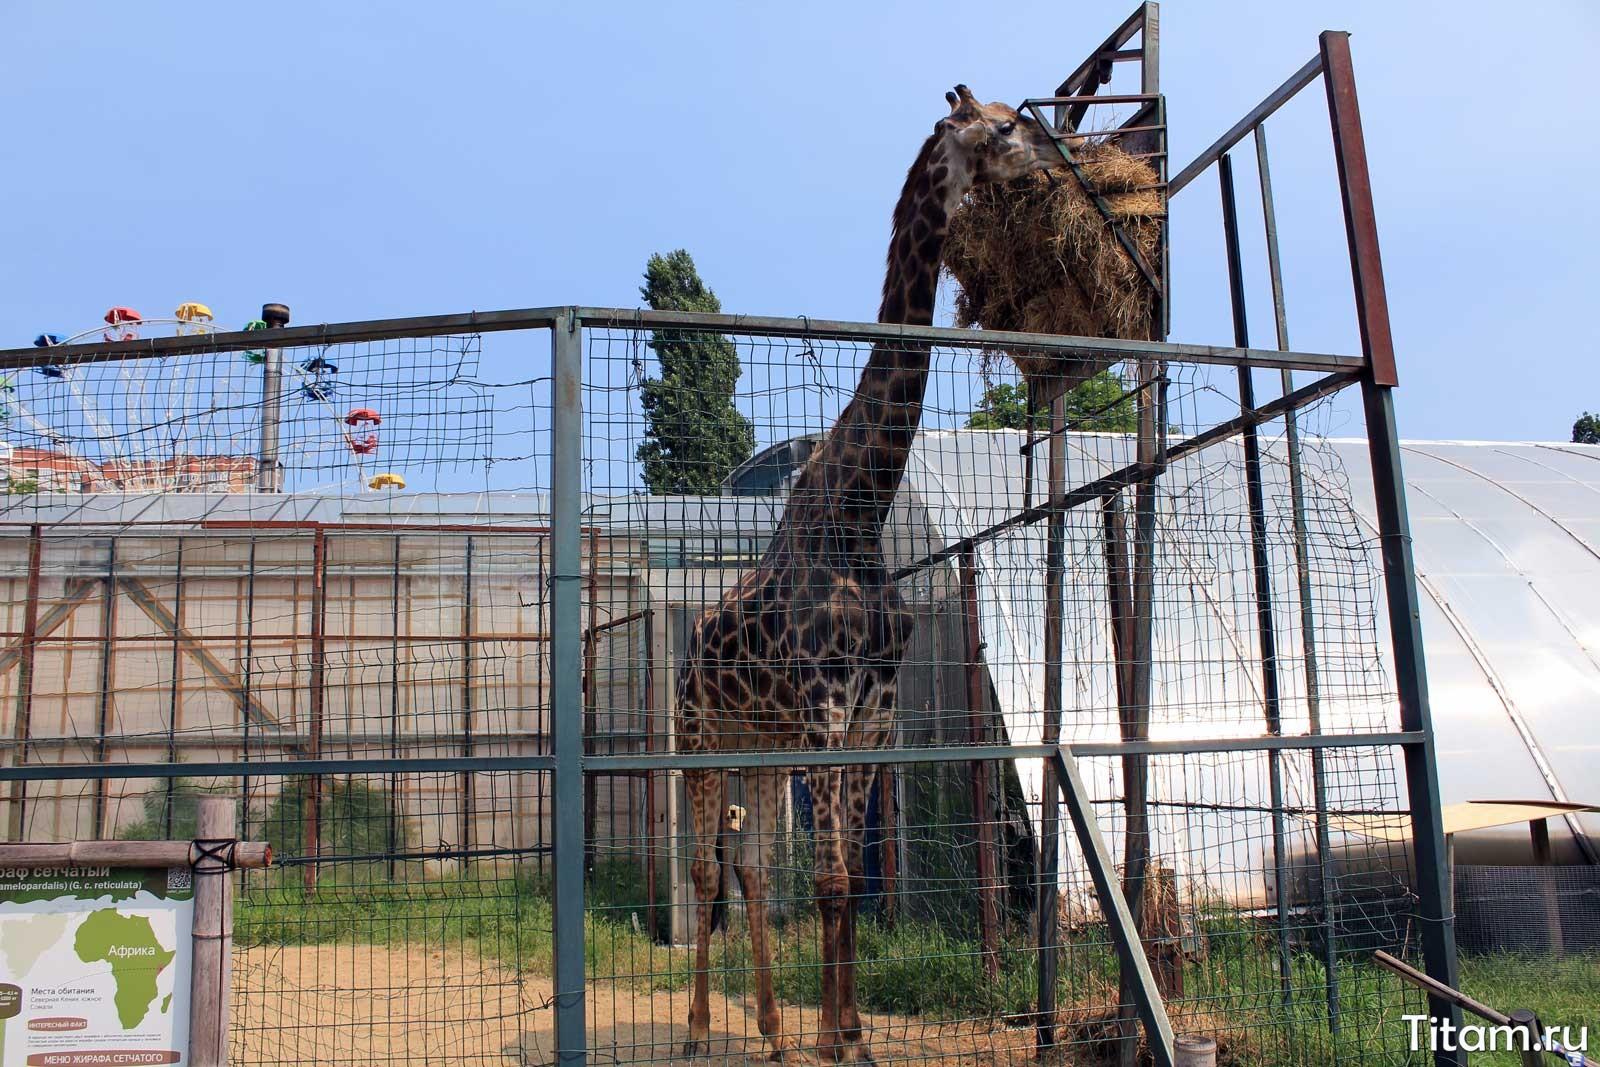 Жираф. Сафари-парк Краснодар